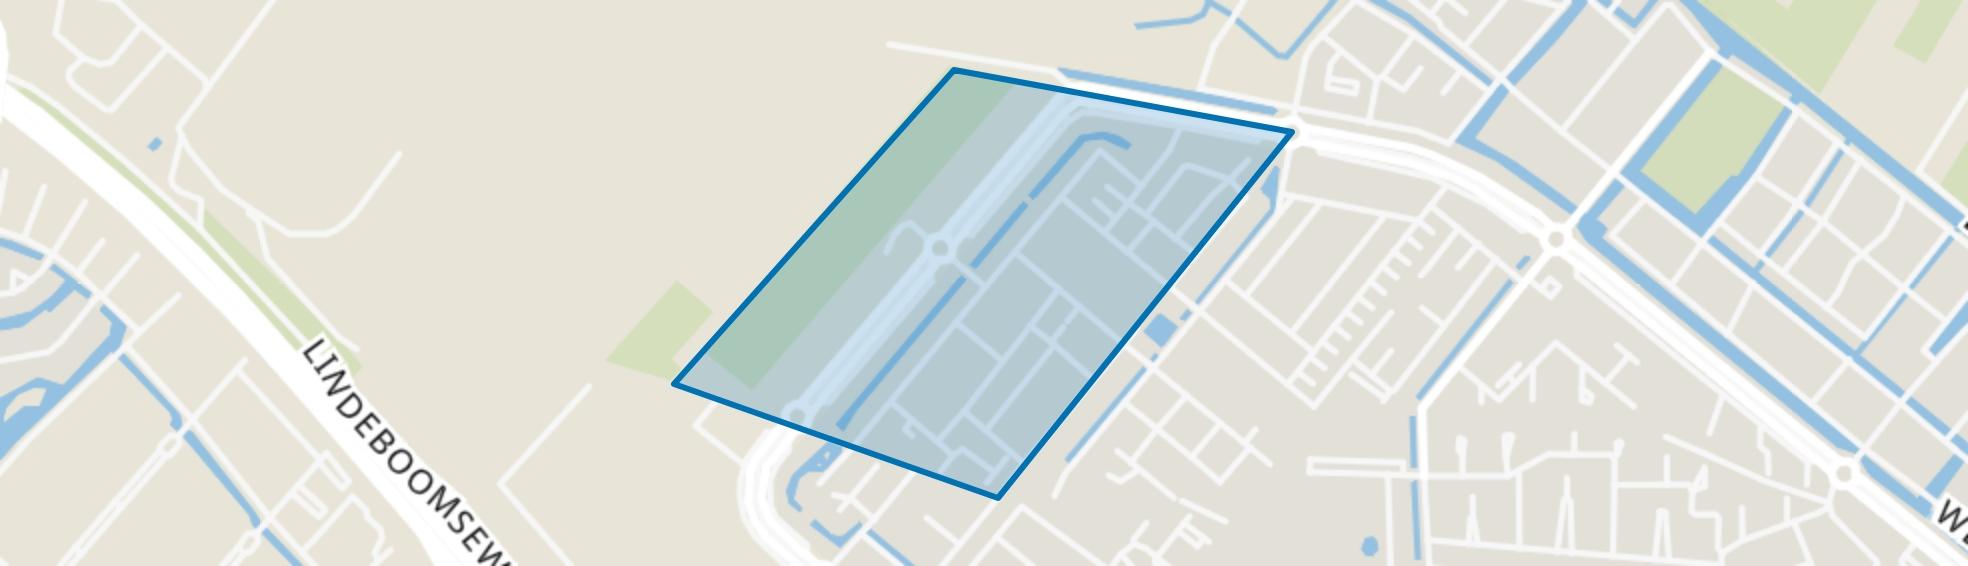 Leersumseberg, Amersfoort map